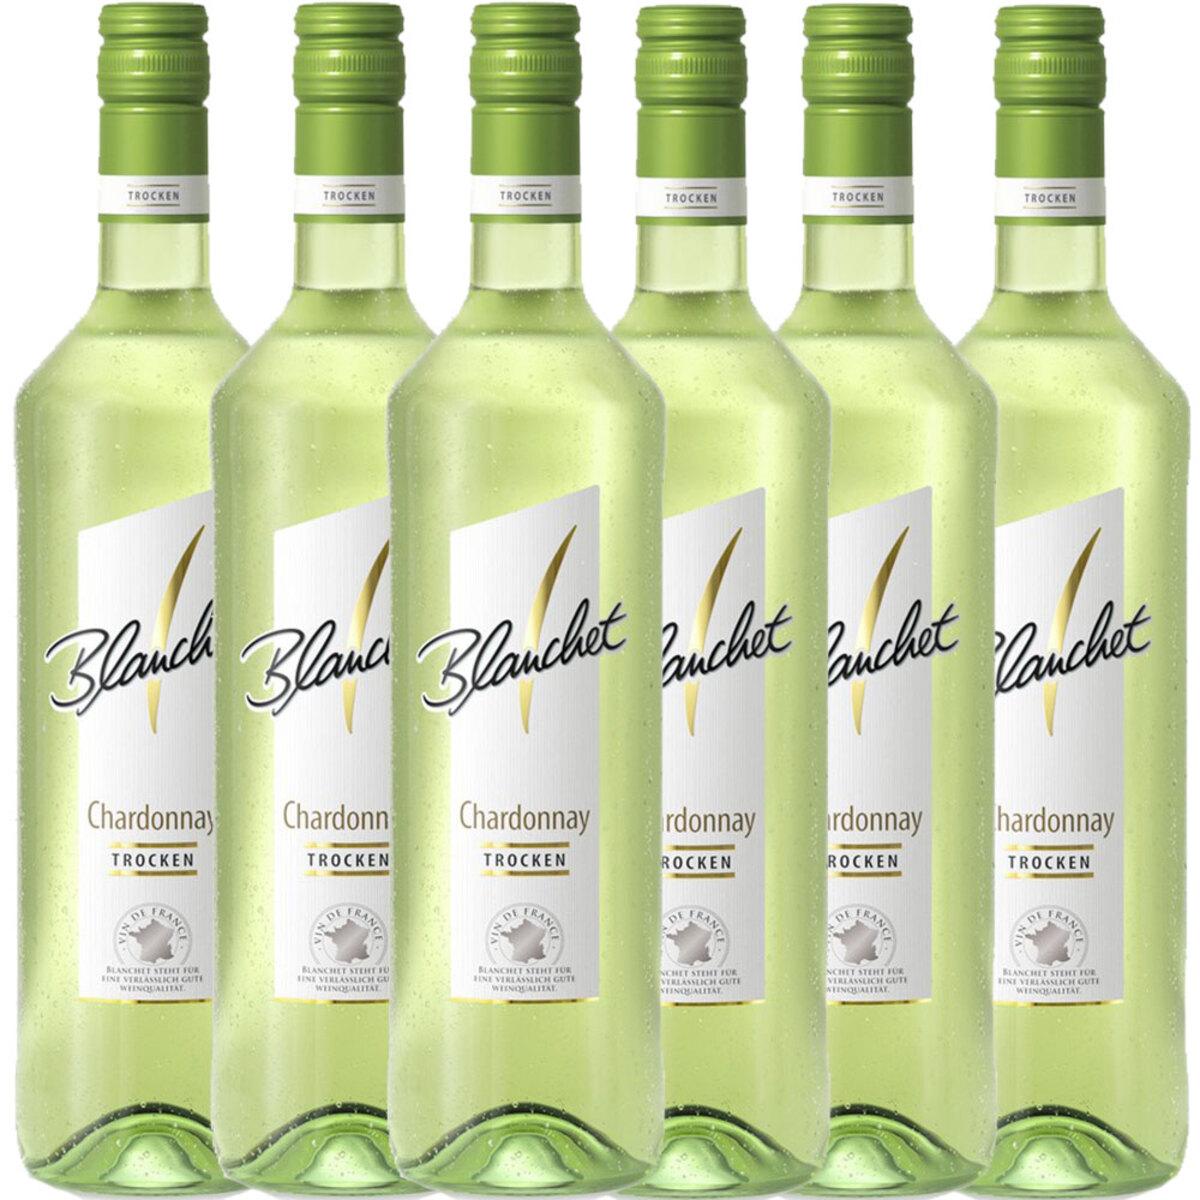 Bild 1 von Blanchet Weißwein Chardonnay Trocken - 6er Karton